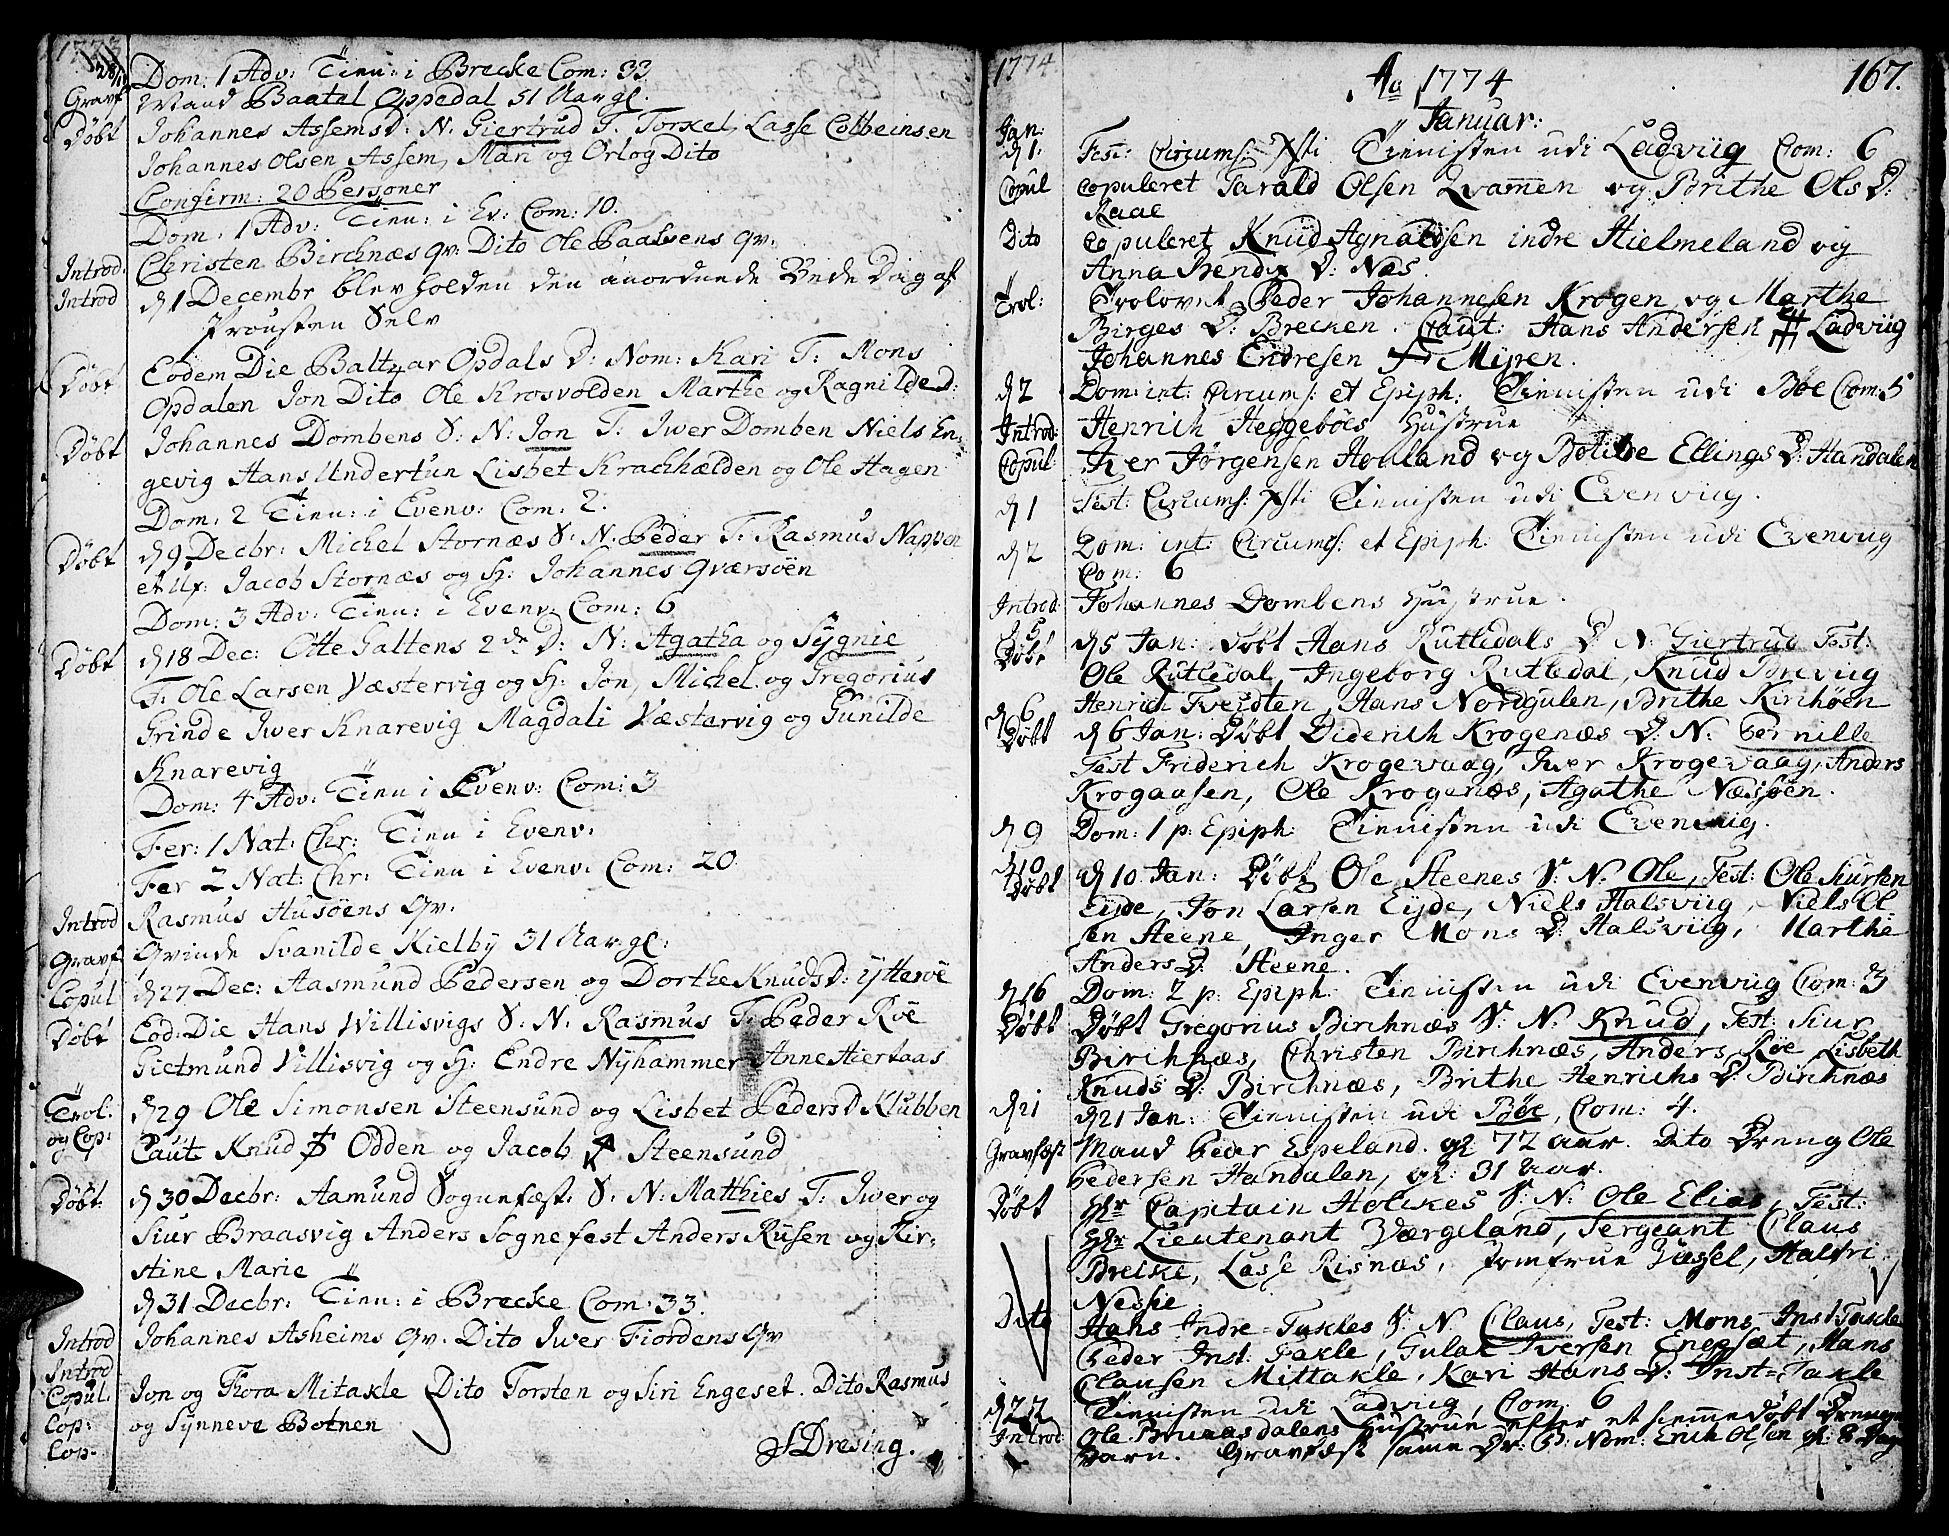 SAB, Gulen sokneprestembete, Ministerialbok nr. A 12, 1749-1776, s. 167